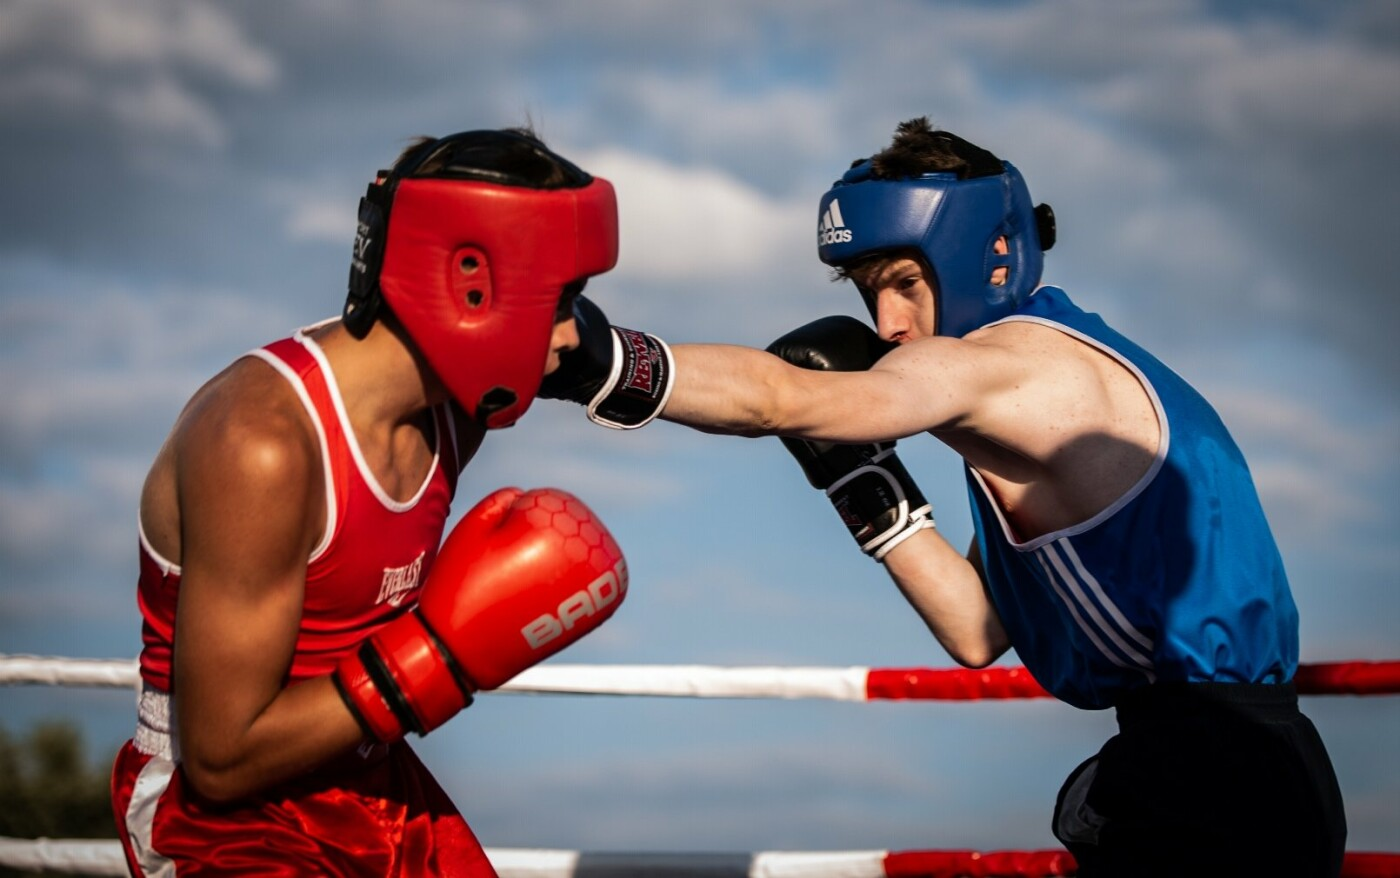 В Лисичанске прошел боксерский турнир памяти отца и сына Назаренко и концерт группы Армия, фото-13